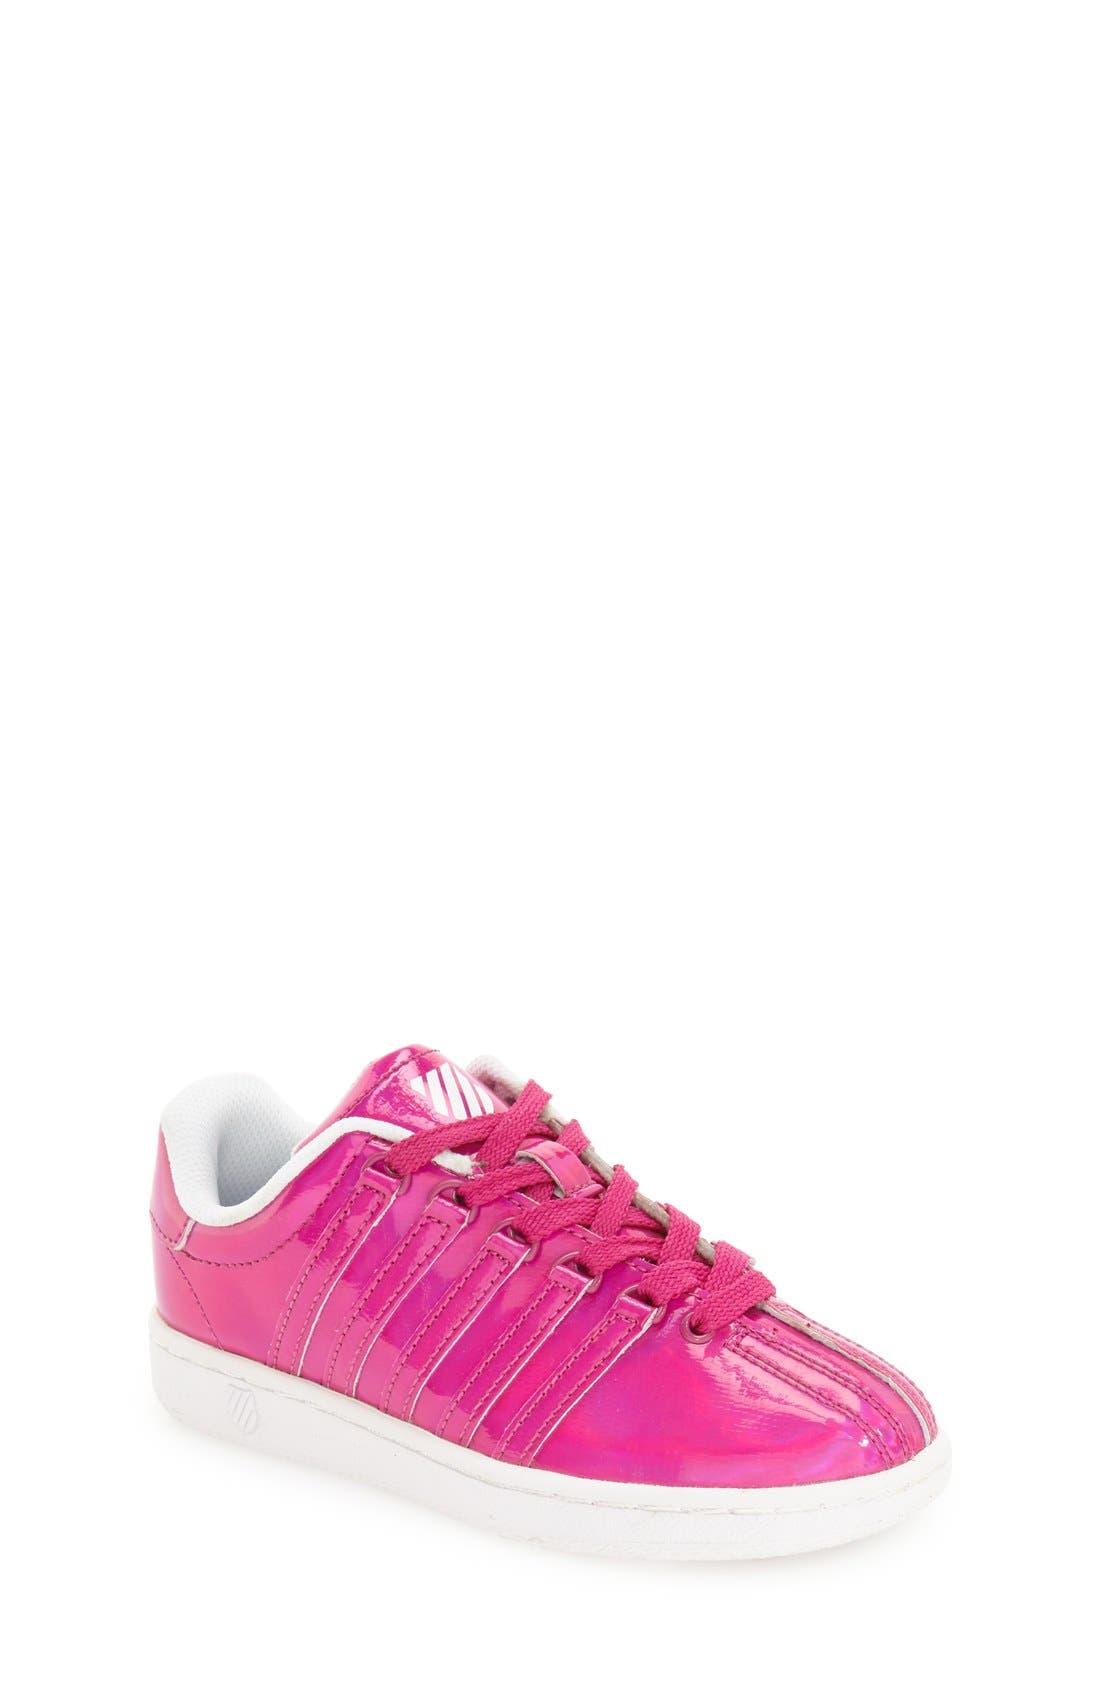 Alternate Image 1 Selected - K-Swiss 'Classic - Shine On' Sneaker (Toddler & Little Kid)